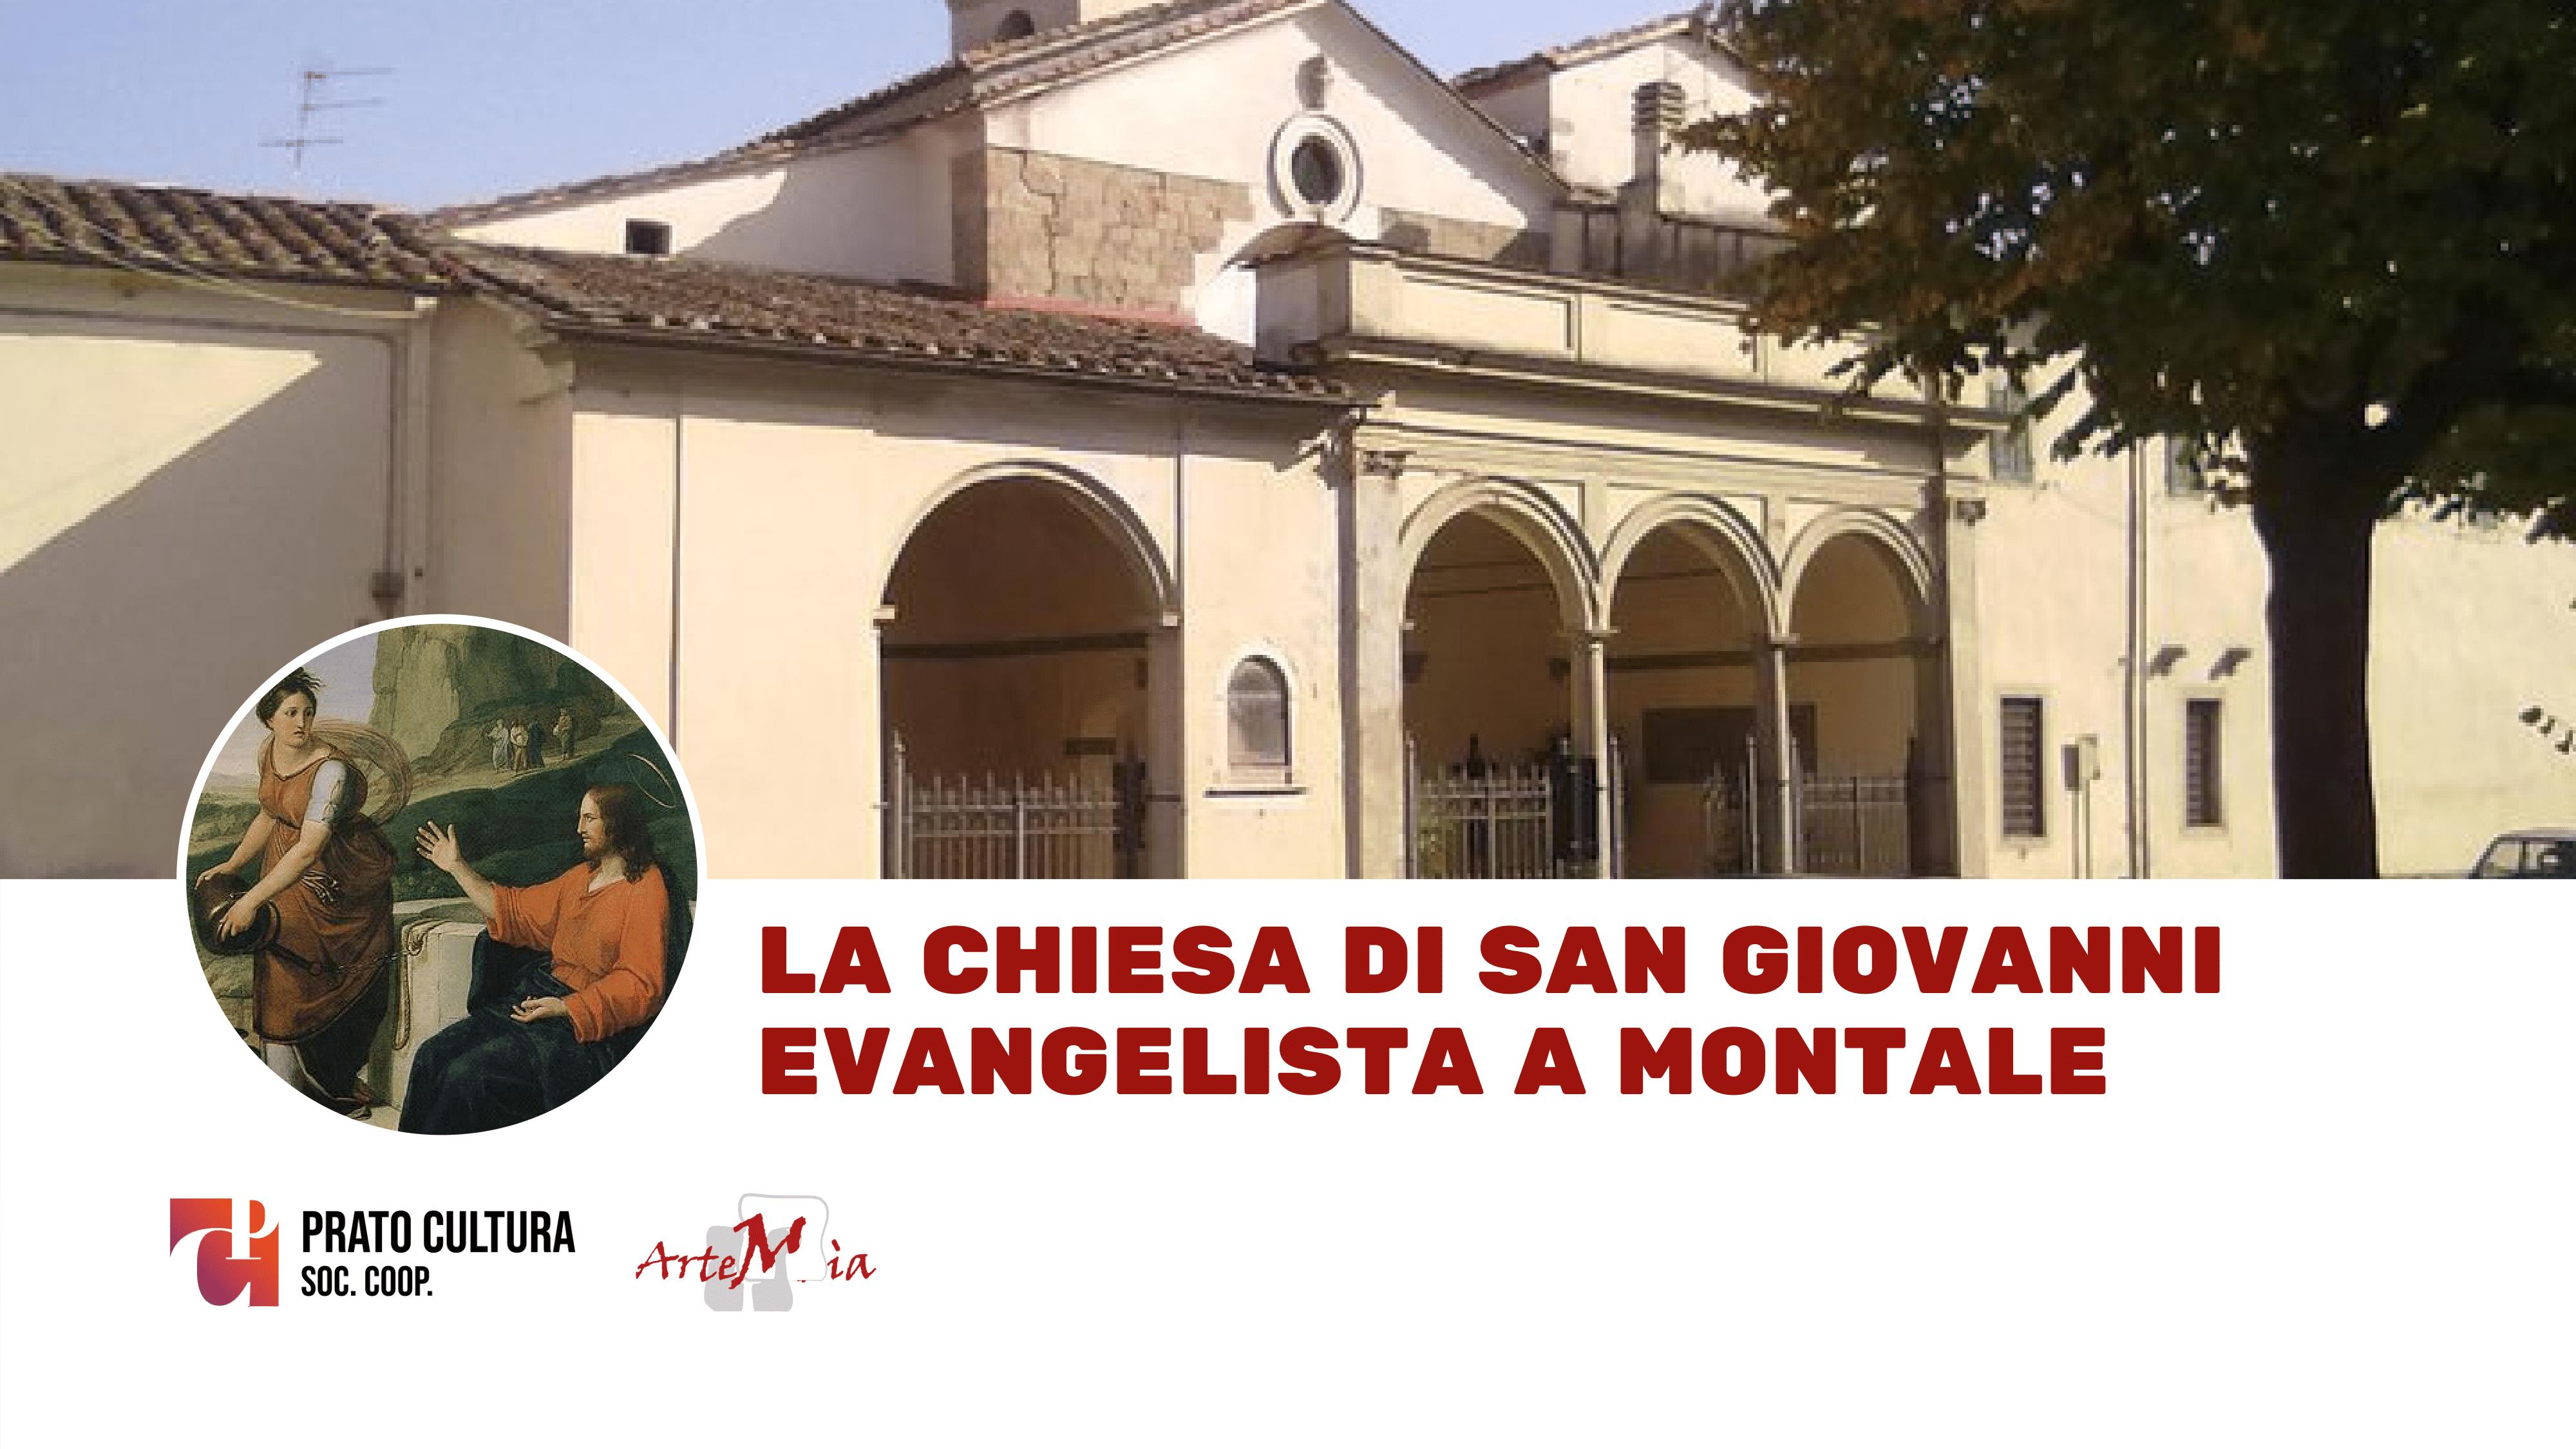 Visita: La Chiesa di San Giovanni Evangelista a Montale